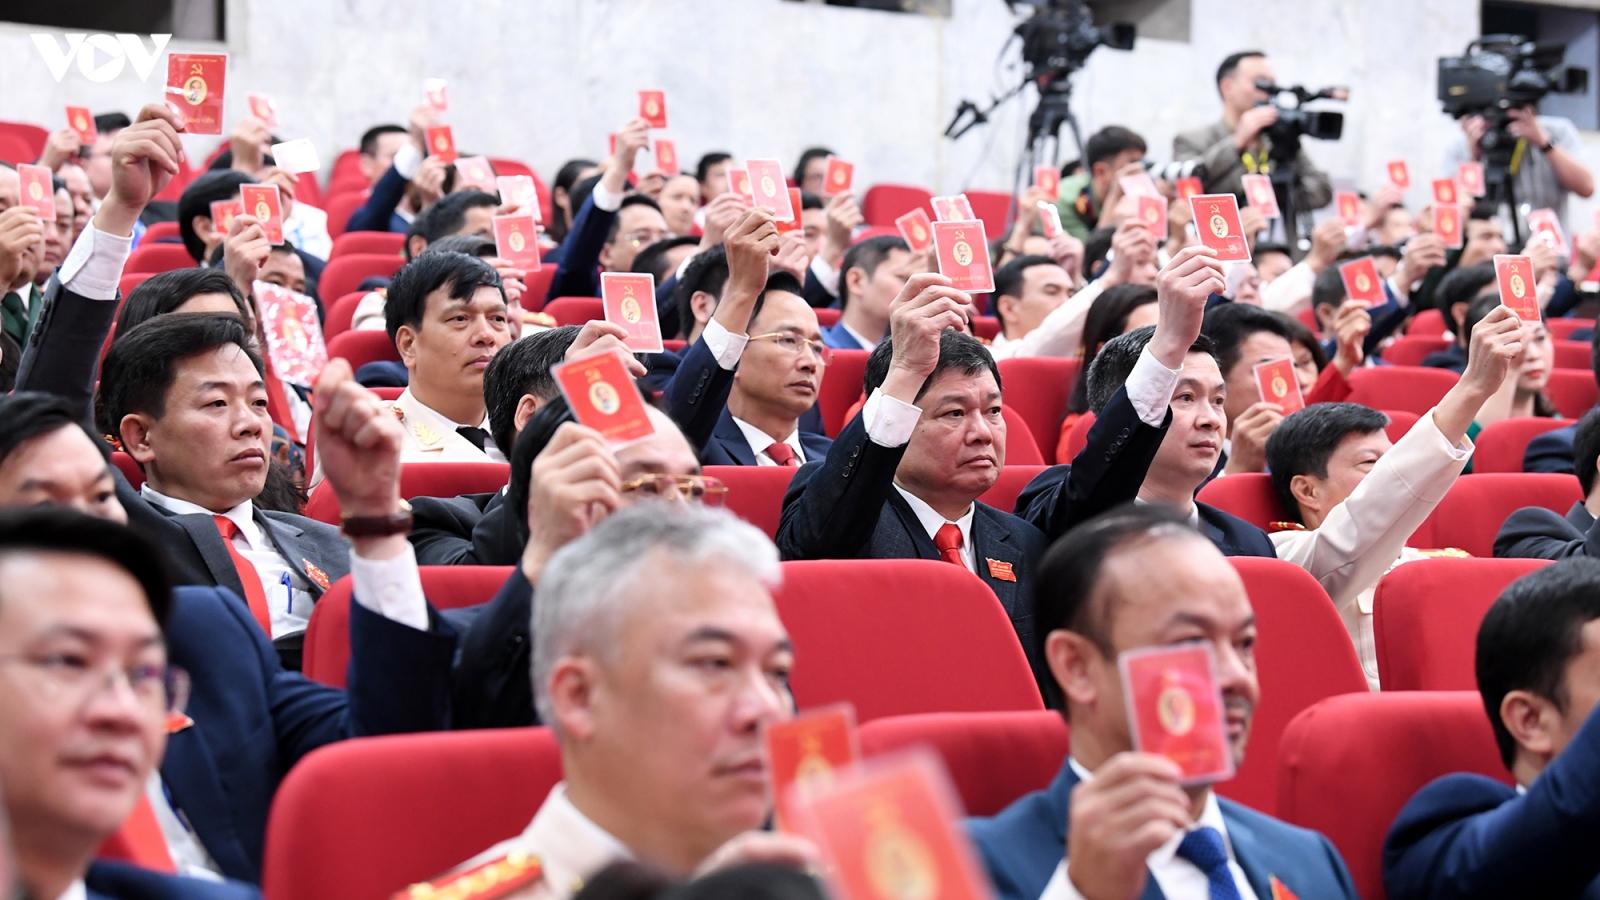 Đại hội Đảng bộ Hà Nội bắt đầu quy trình bầu nhân sự khoá mới